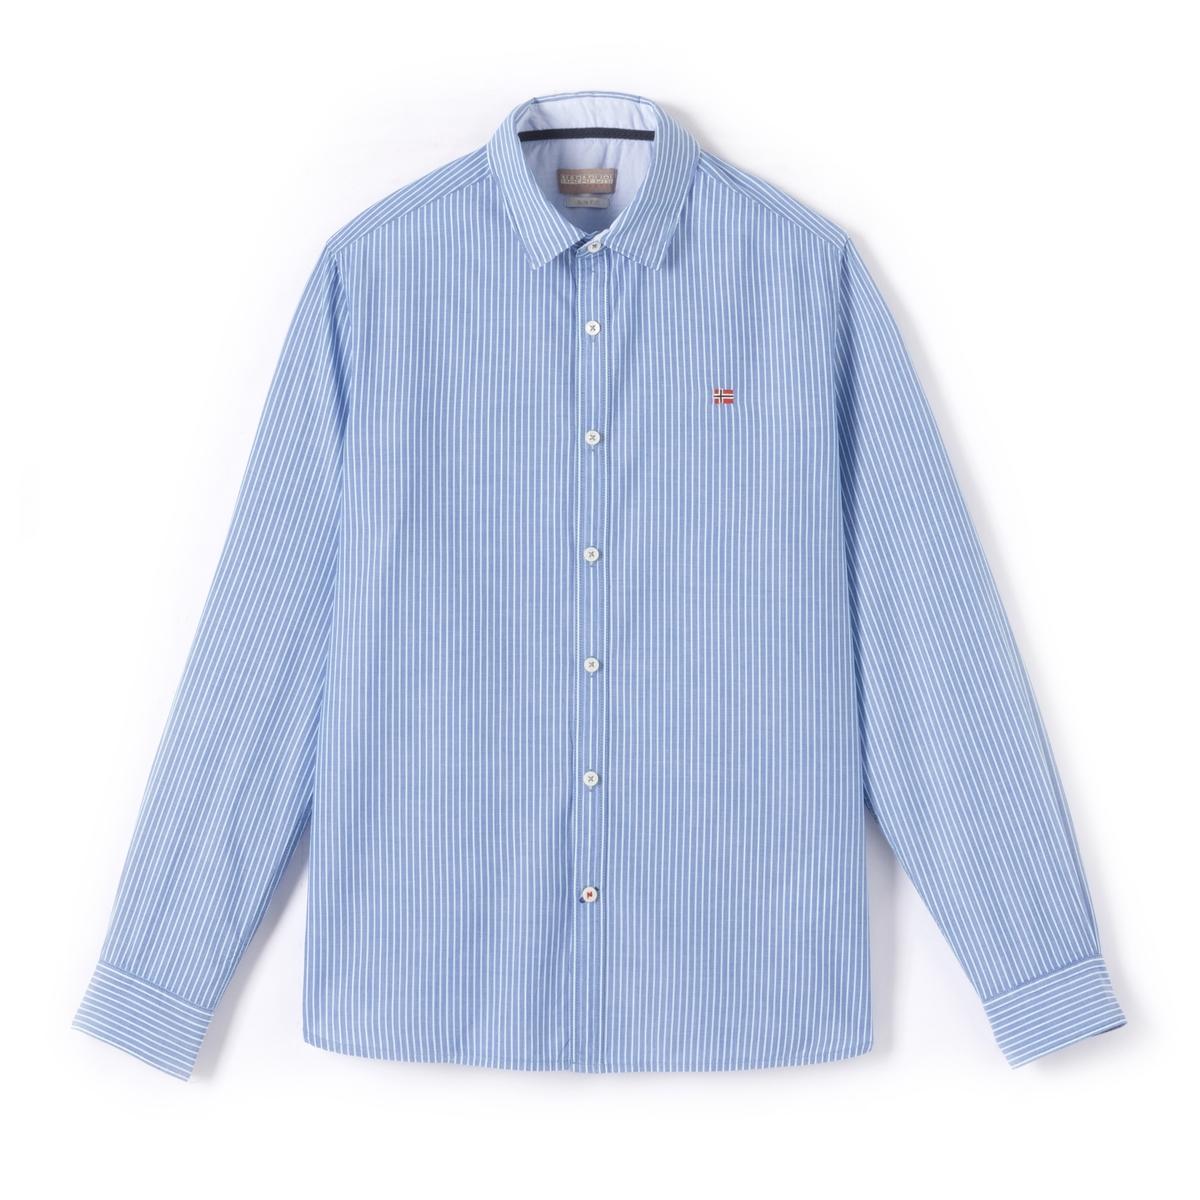 Рубашка Gulfport облегающая из поплина в полоску рубашка в полоску из поплина стретч длинные рукава